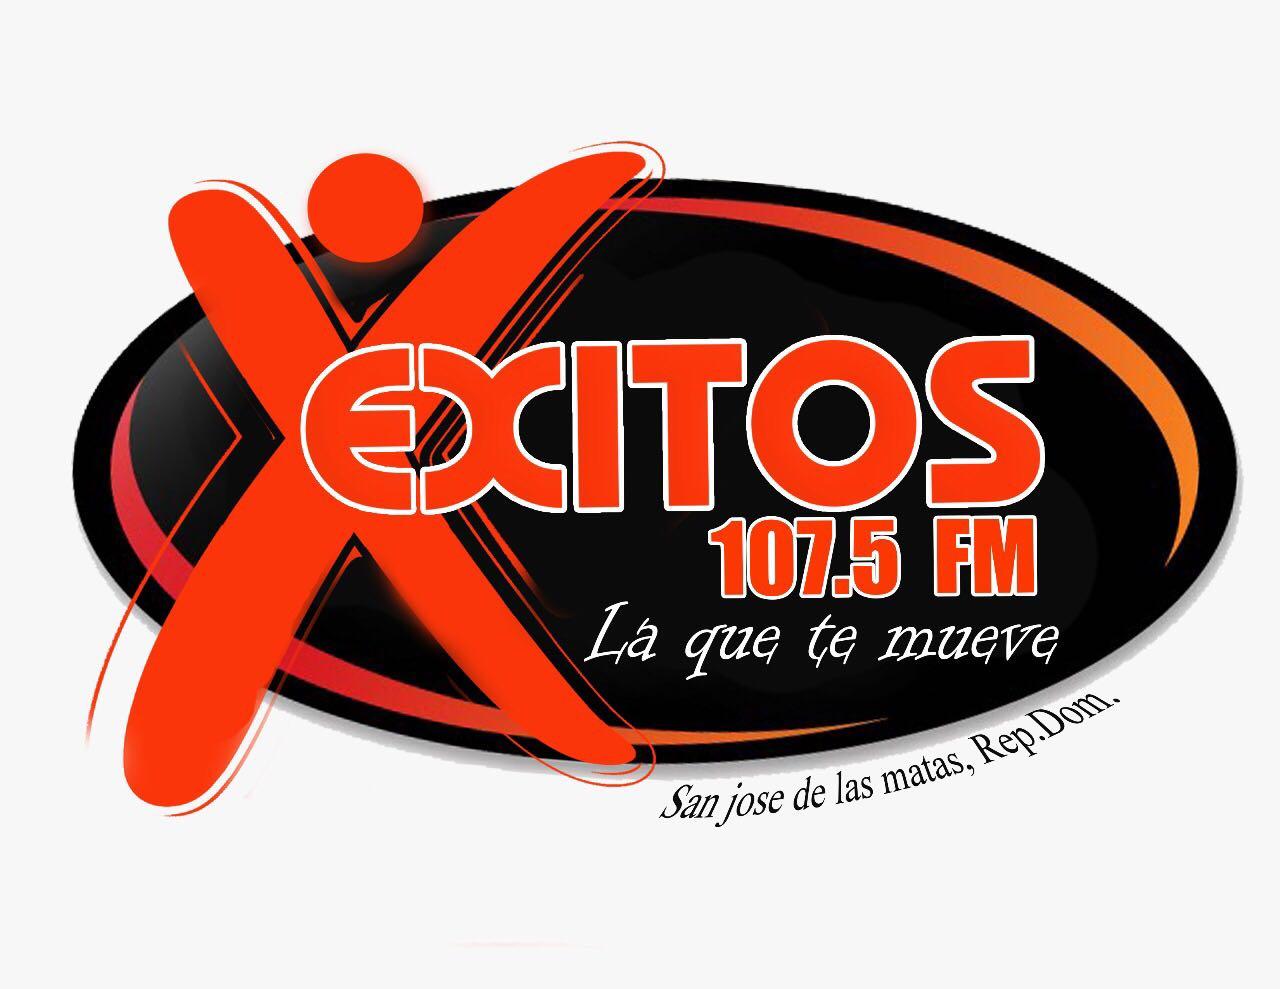 Exitos 107.5 FM